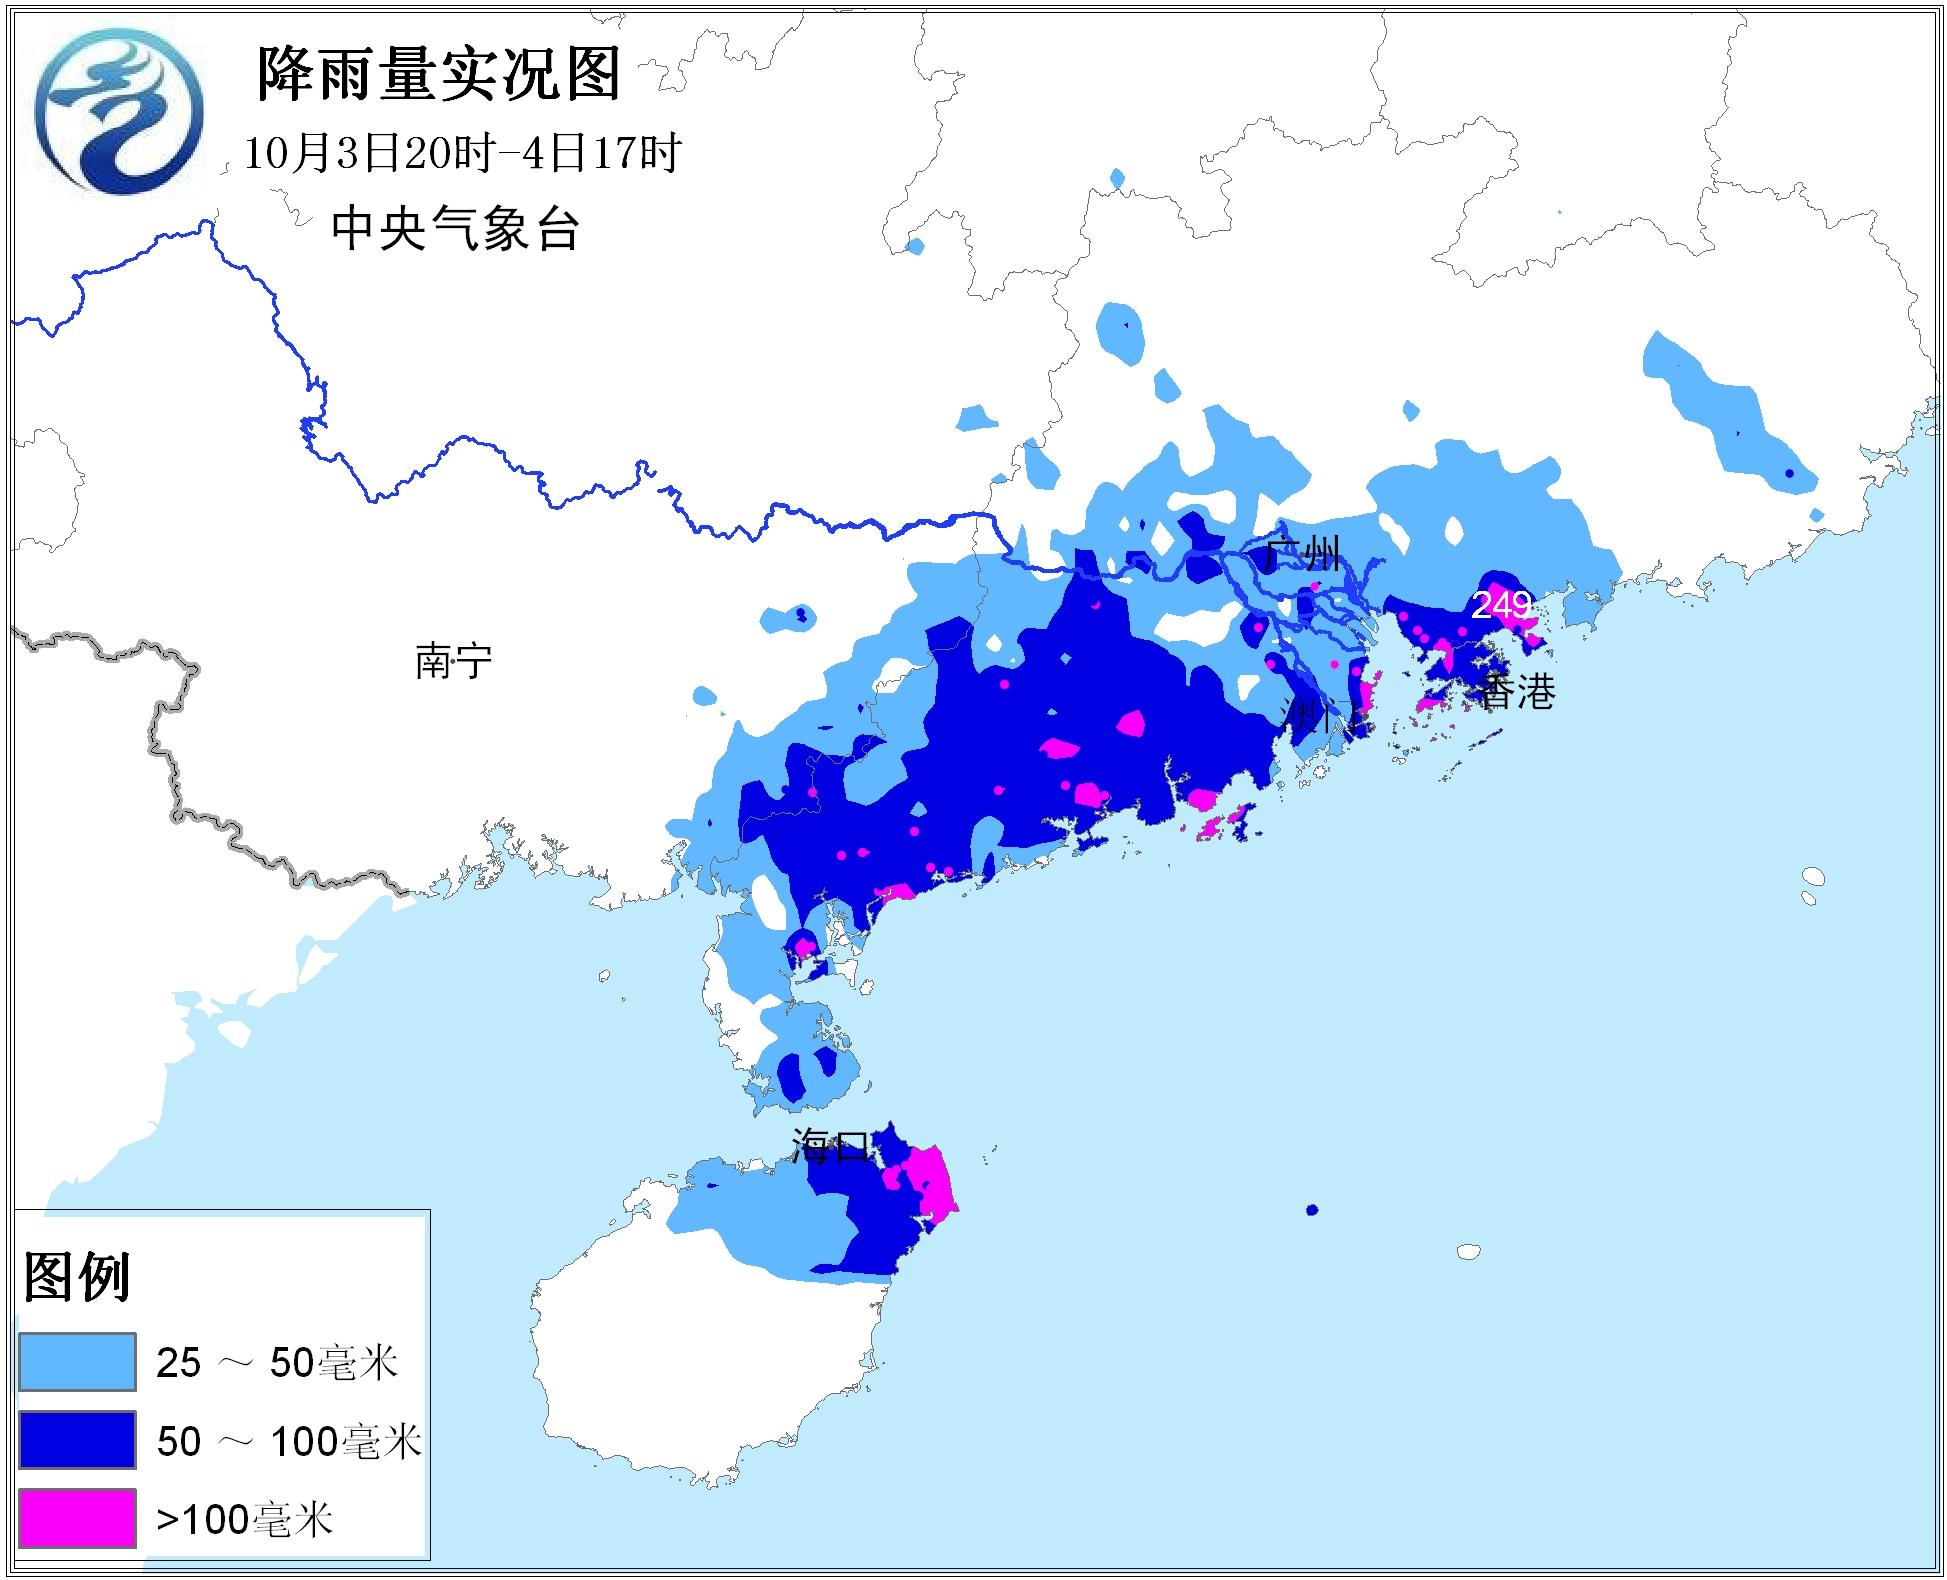 P:?5年决策服务材料  天气过程j2彩虹u5f69虹实况降雨100320-0417.jpg